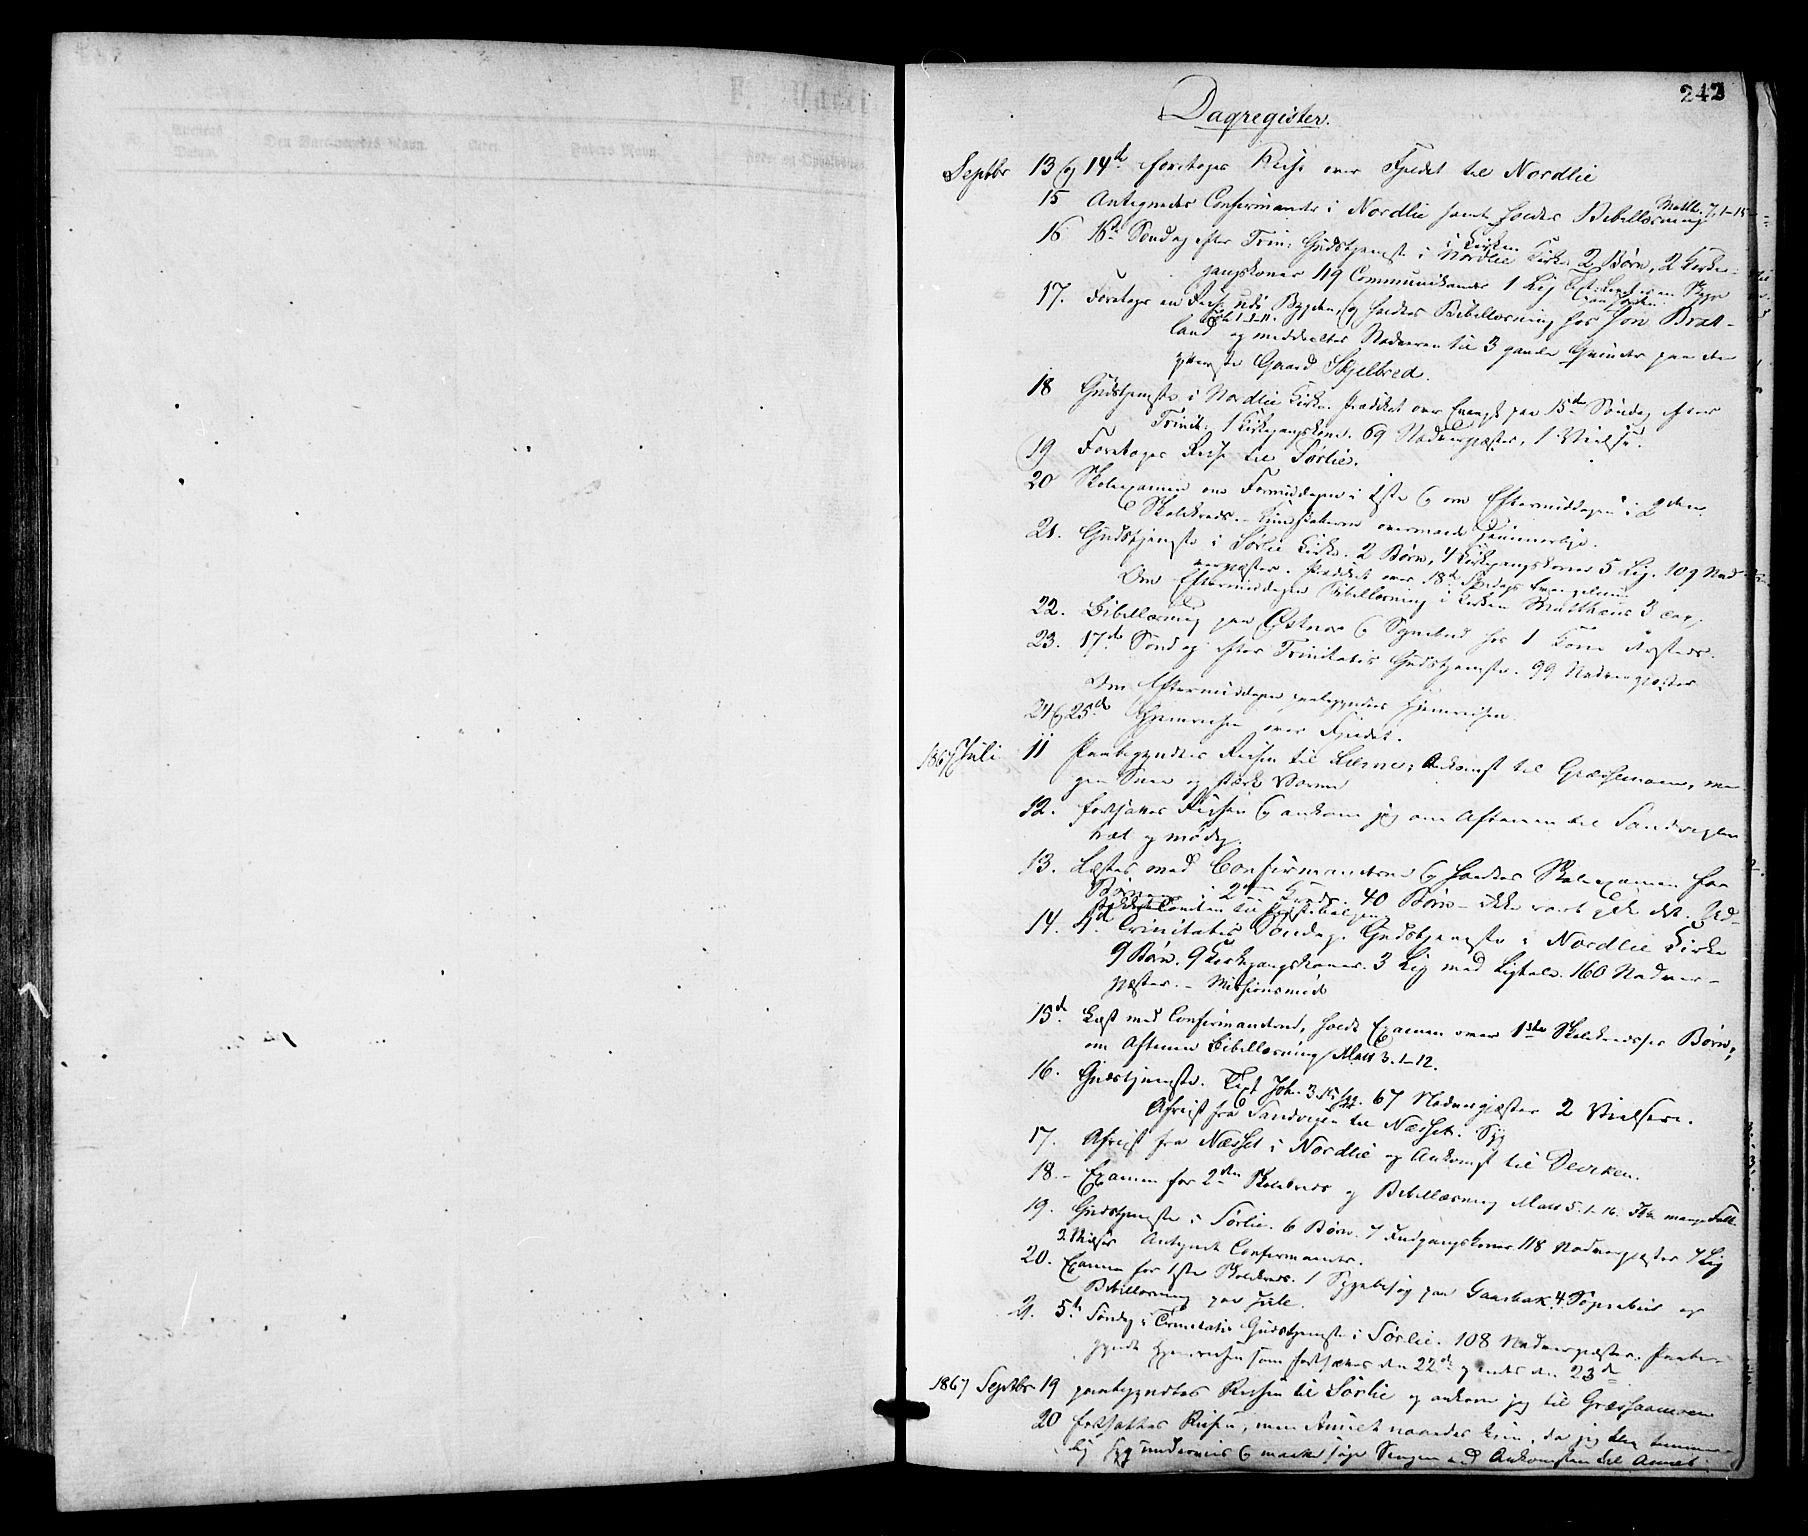 SAT, Ministerialprotokoller, klokkerbøker og fødselsregistre - Nord-Trøndelag, 755/L0493: Ministerialbok nr. 755A02, 1865-1881, s. 242